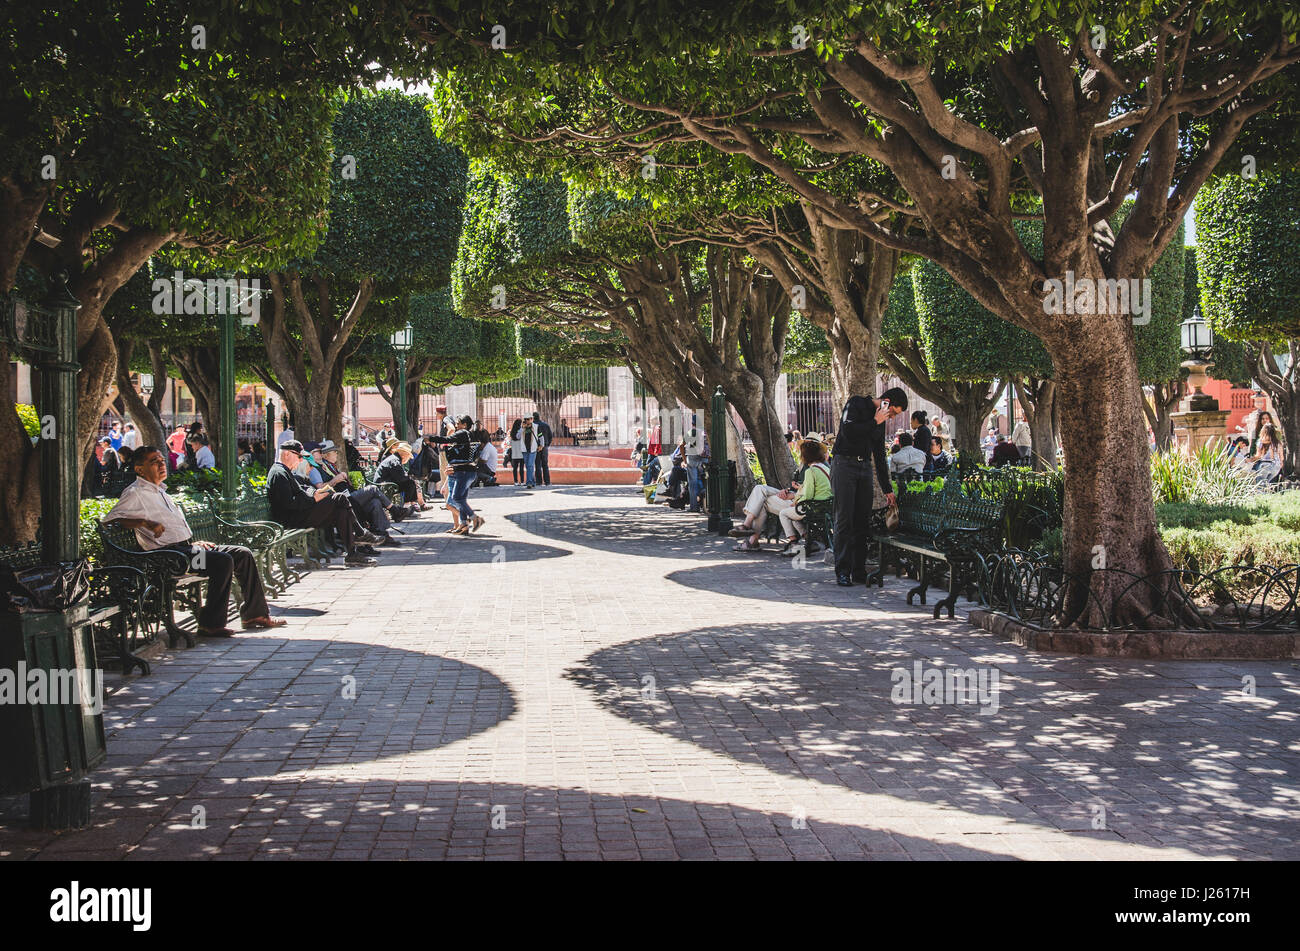 El Jardin, San Miguel de Allende - Stock Image